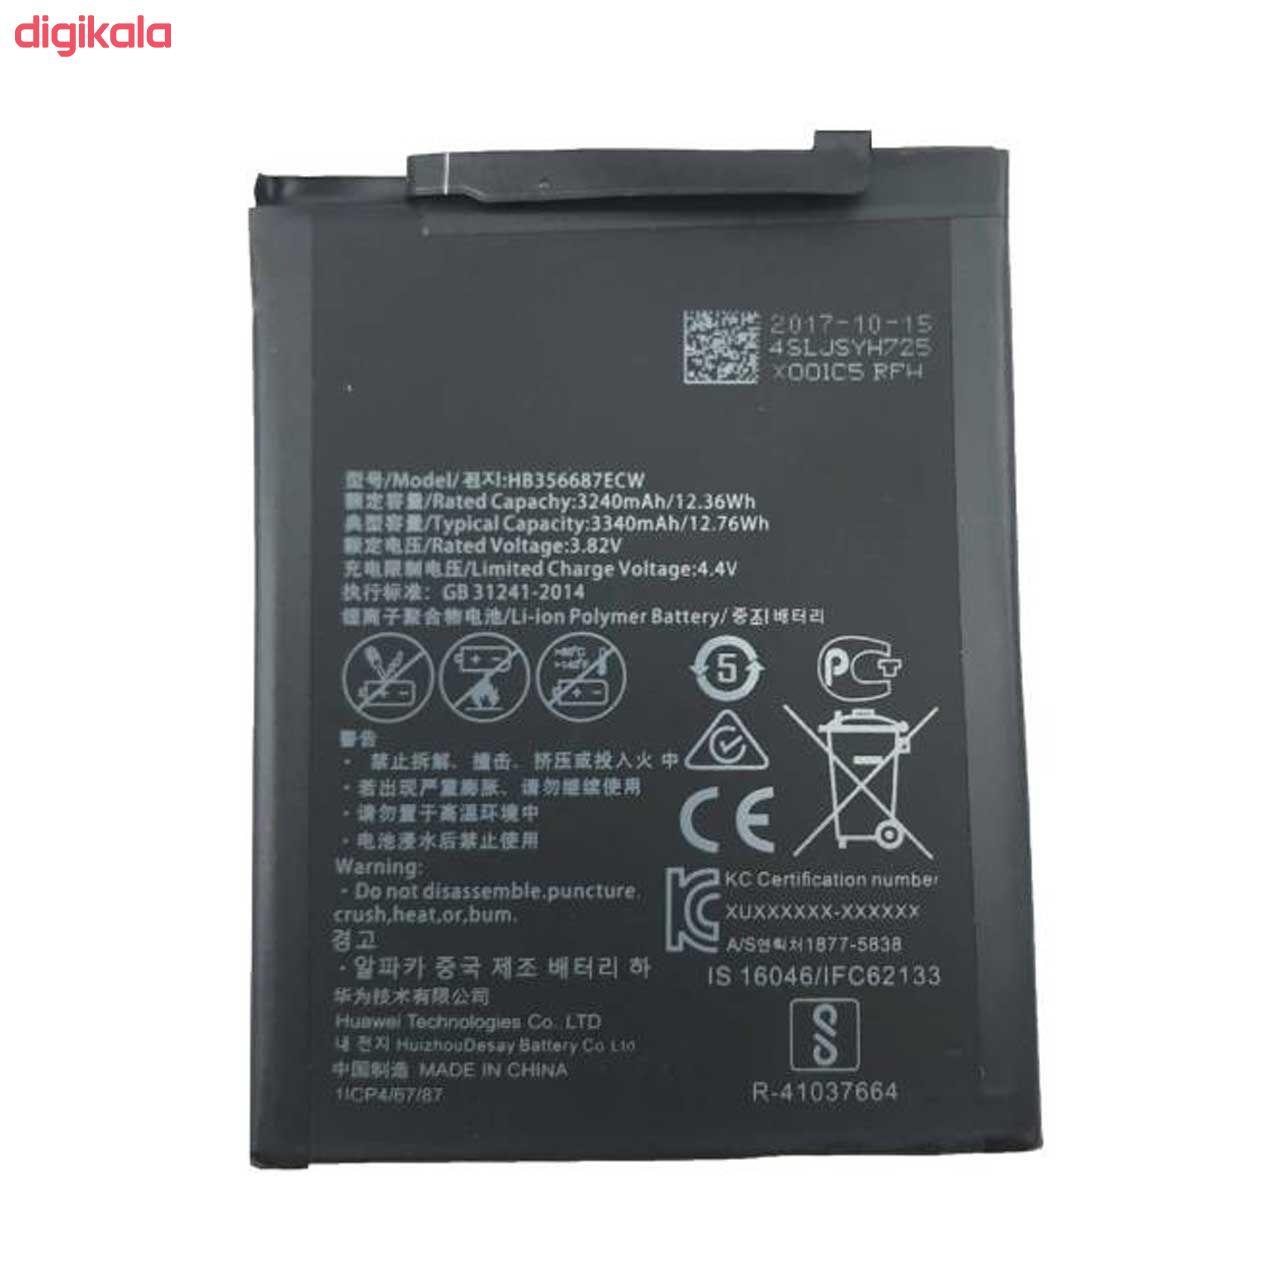 باتری موبایل مدل HB356687ECW ظرفیت 3340 میلی آمپر ساعت مناسب برای گوشی موبایل هوآوی NOVA 2 PLUS main 1 1